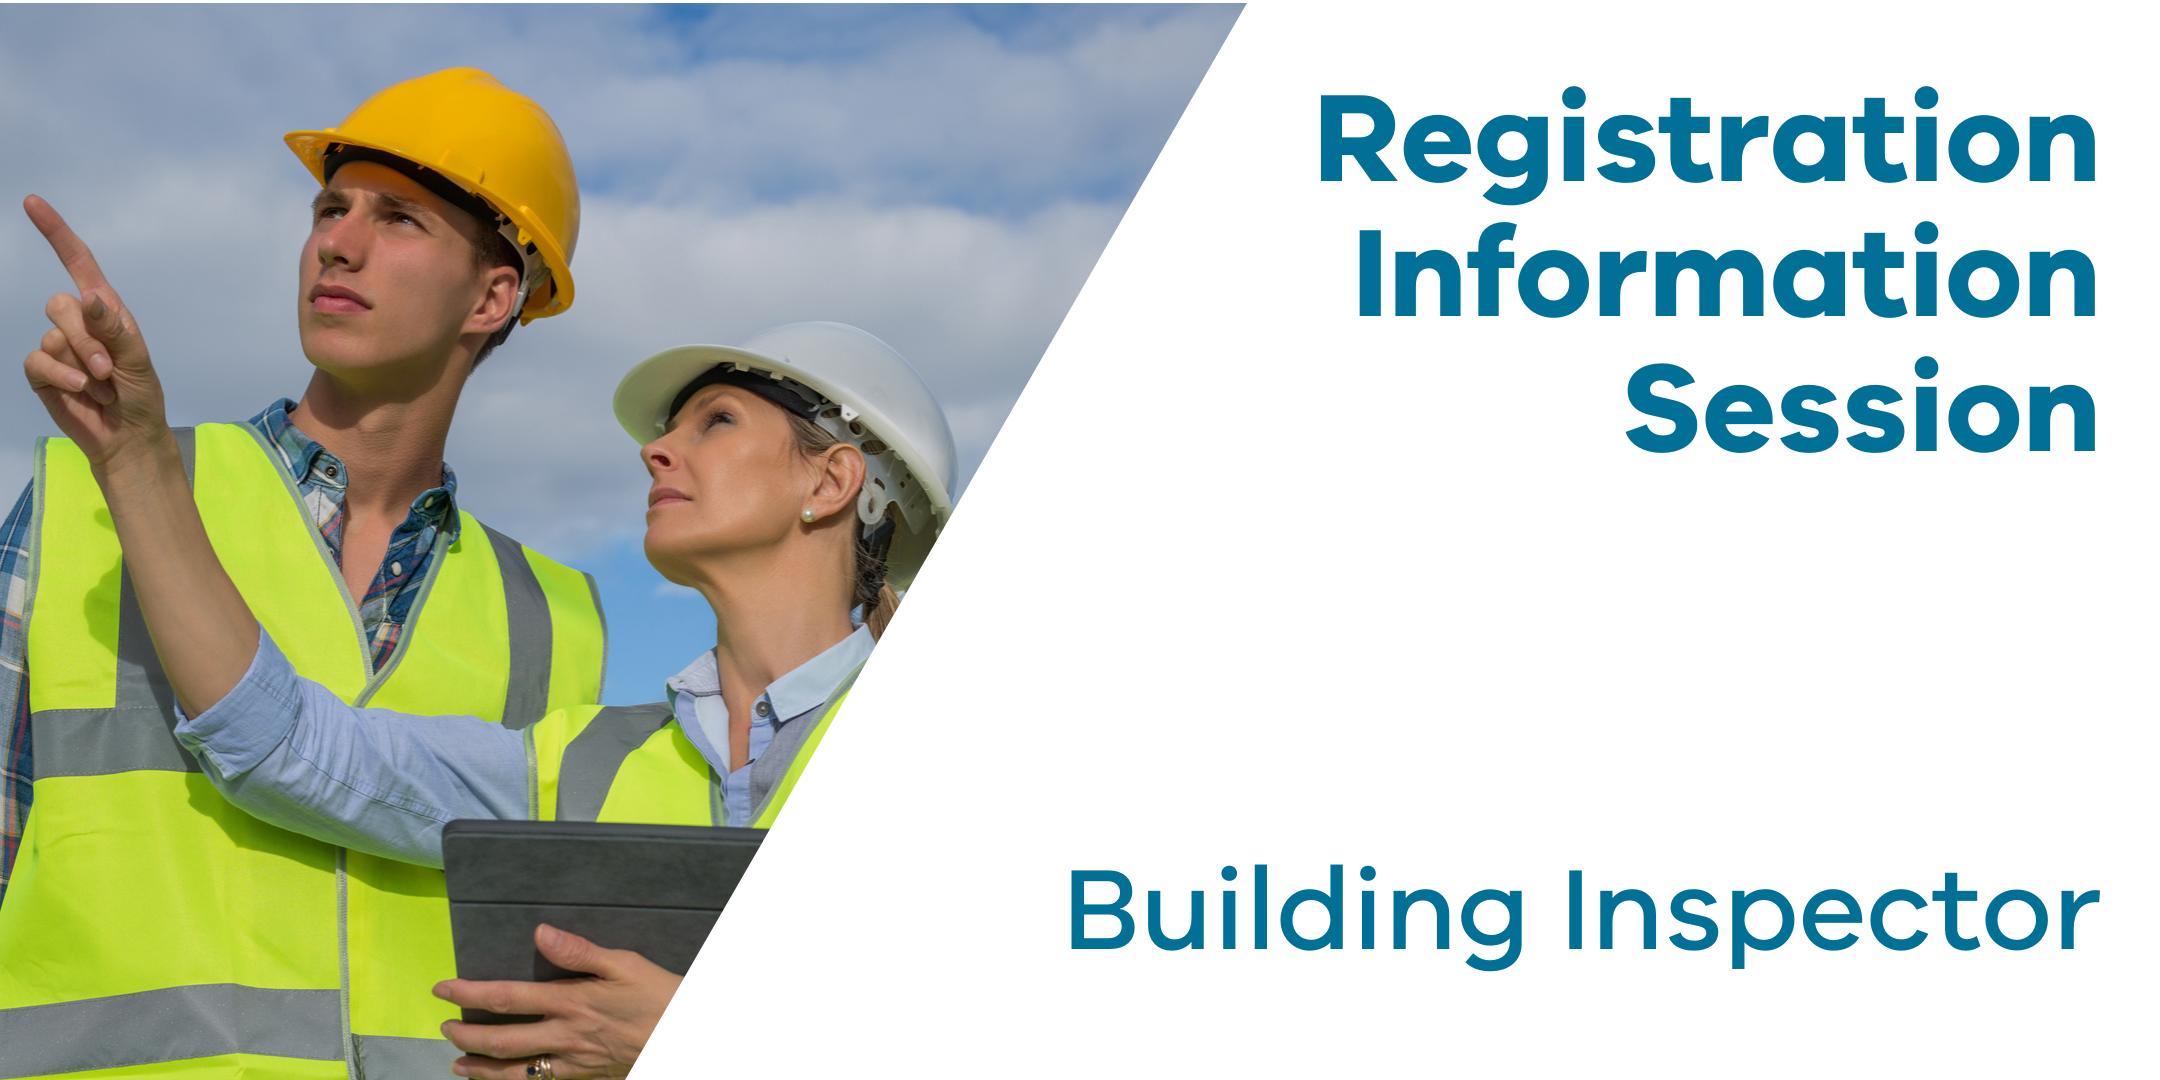 Registration Information Session: Building Inspector